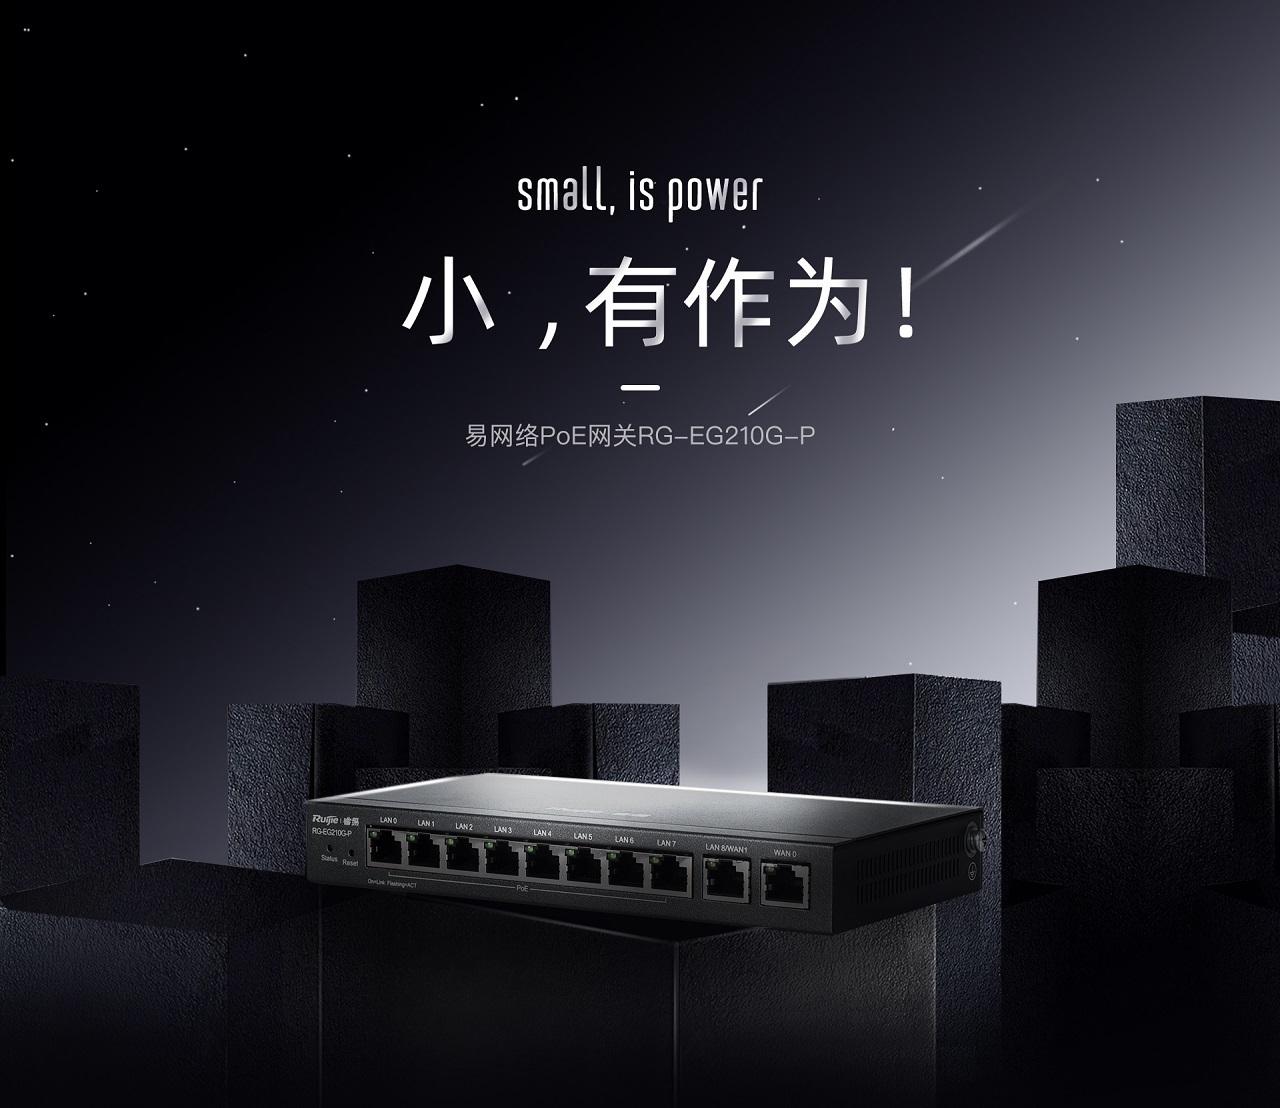 锐捷RG-EG210G-P易网络POE网关1